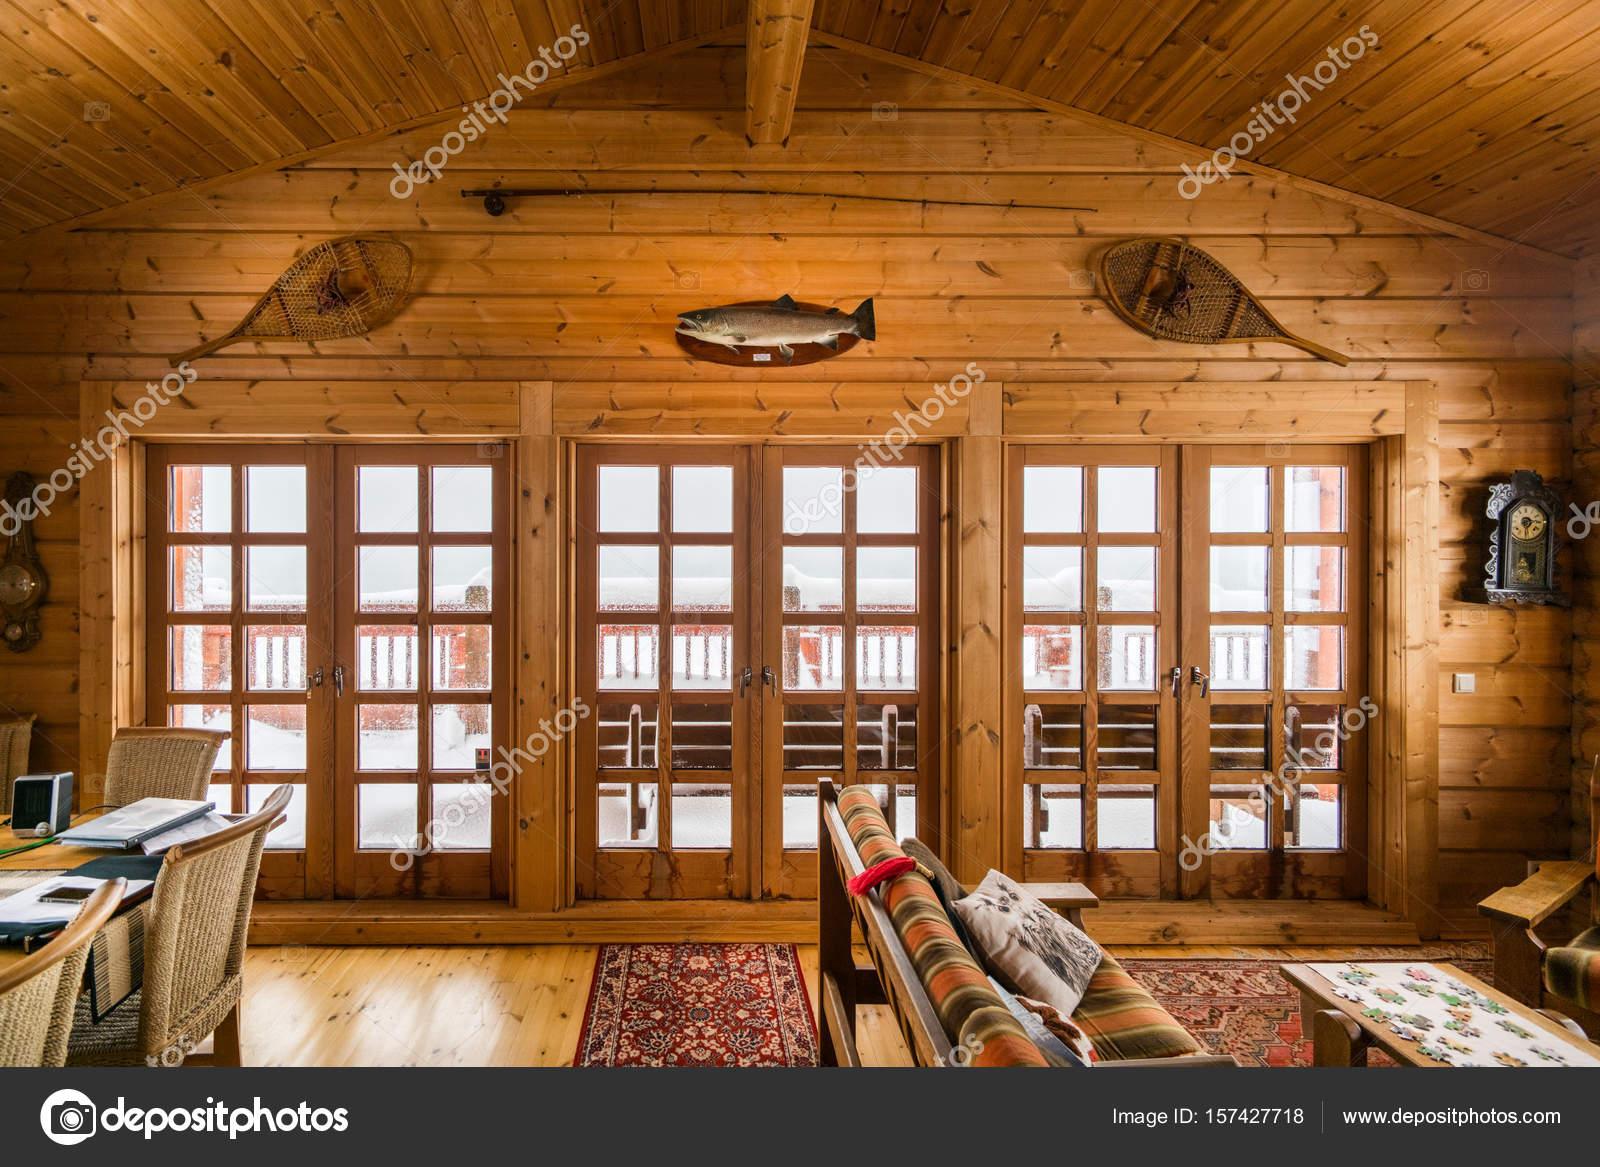 Holz Verkleidet Lliving Zimmer Und Turen Im Blockhaus Stockfoto